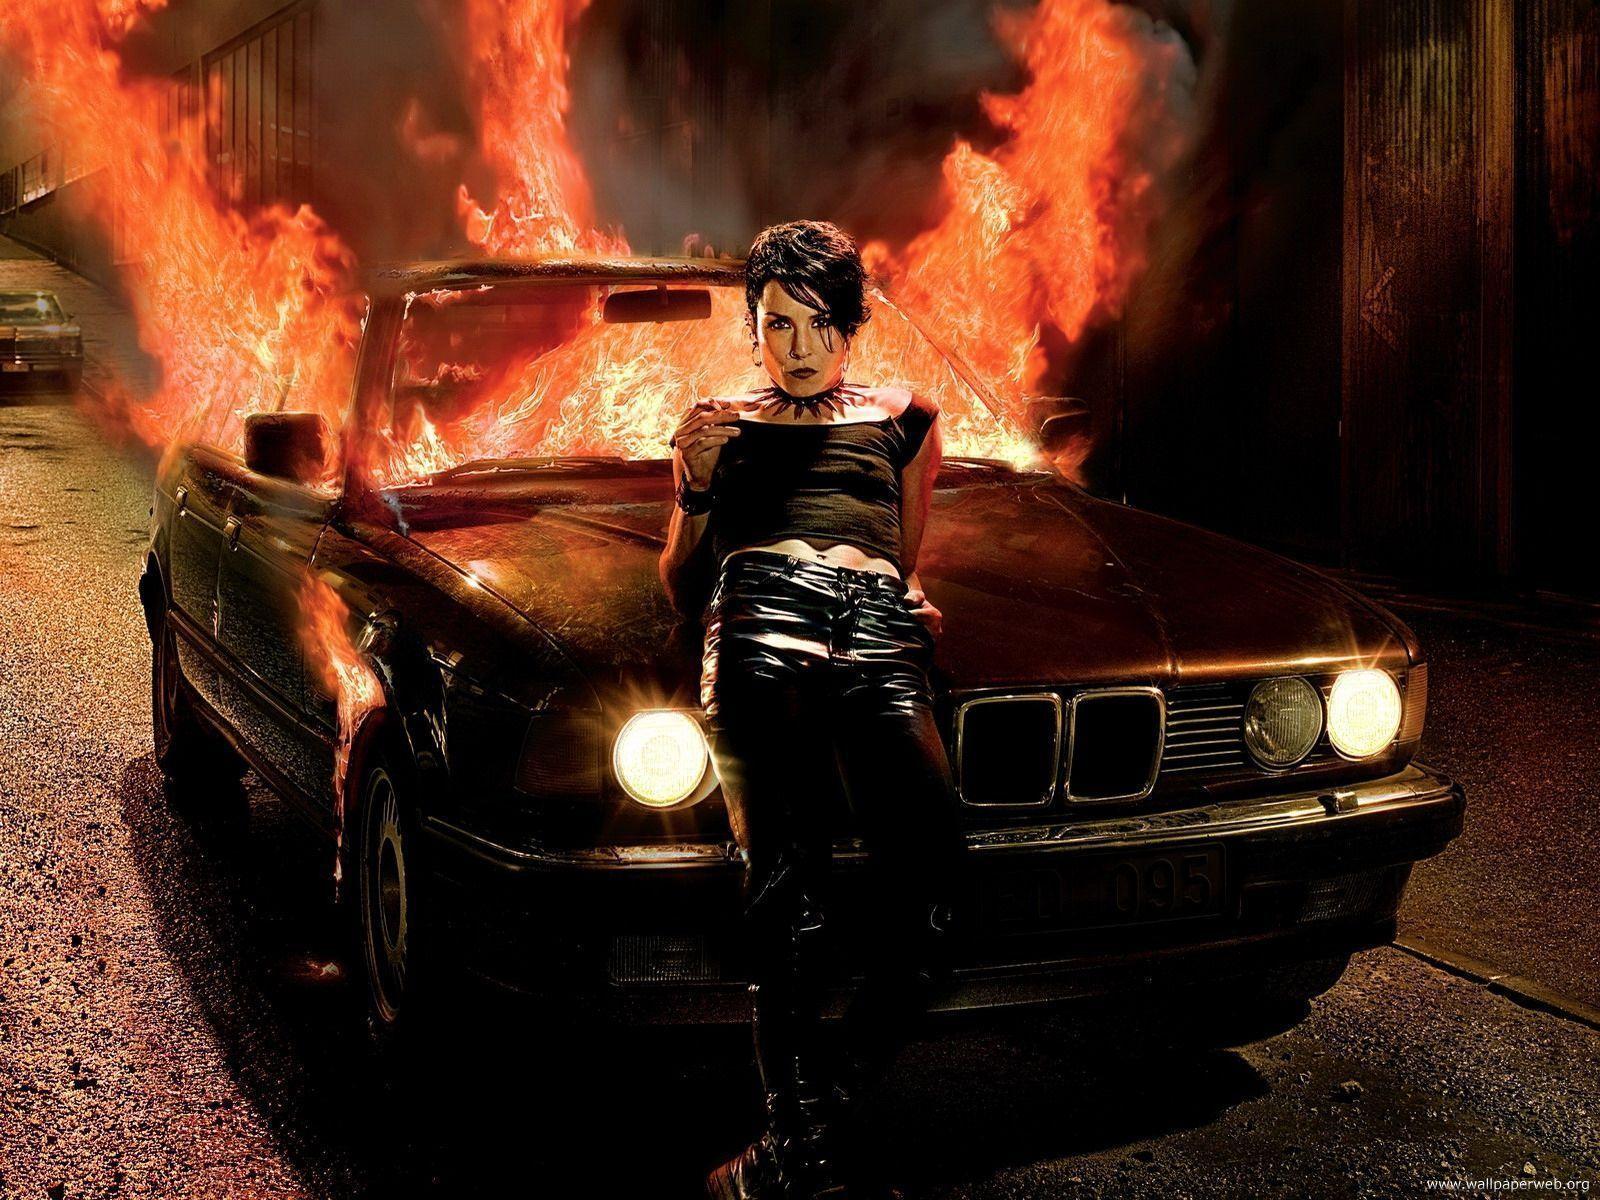 http://4.bp.blogspot.com/_V4B6Gb9FovU/TC_dLdRJONI/AAAAAAAAA8c/0Tgc_78U1uQ/s1600/The_Girl_Who_Played_with_Fire_1600x1200%5B1%5D.jpg